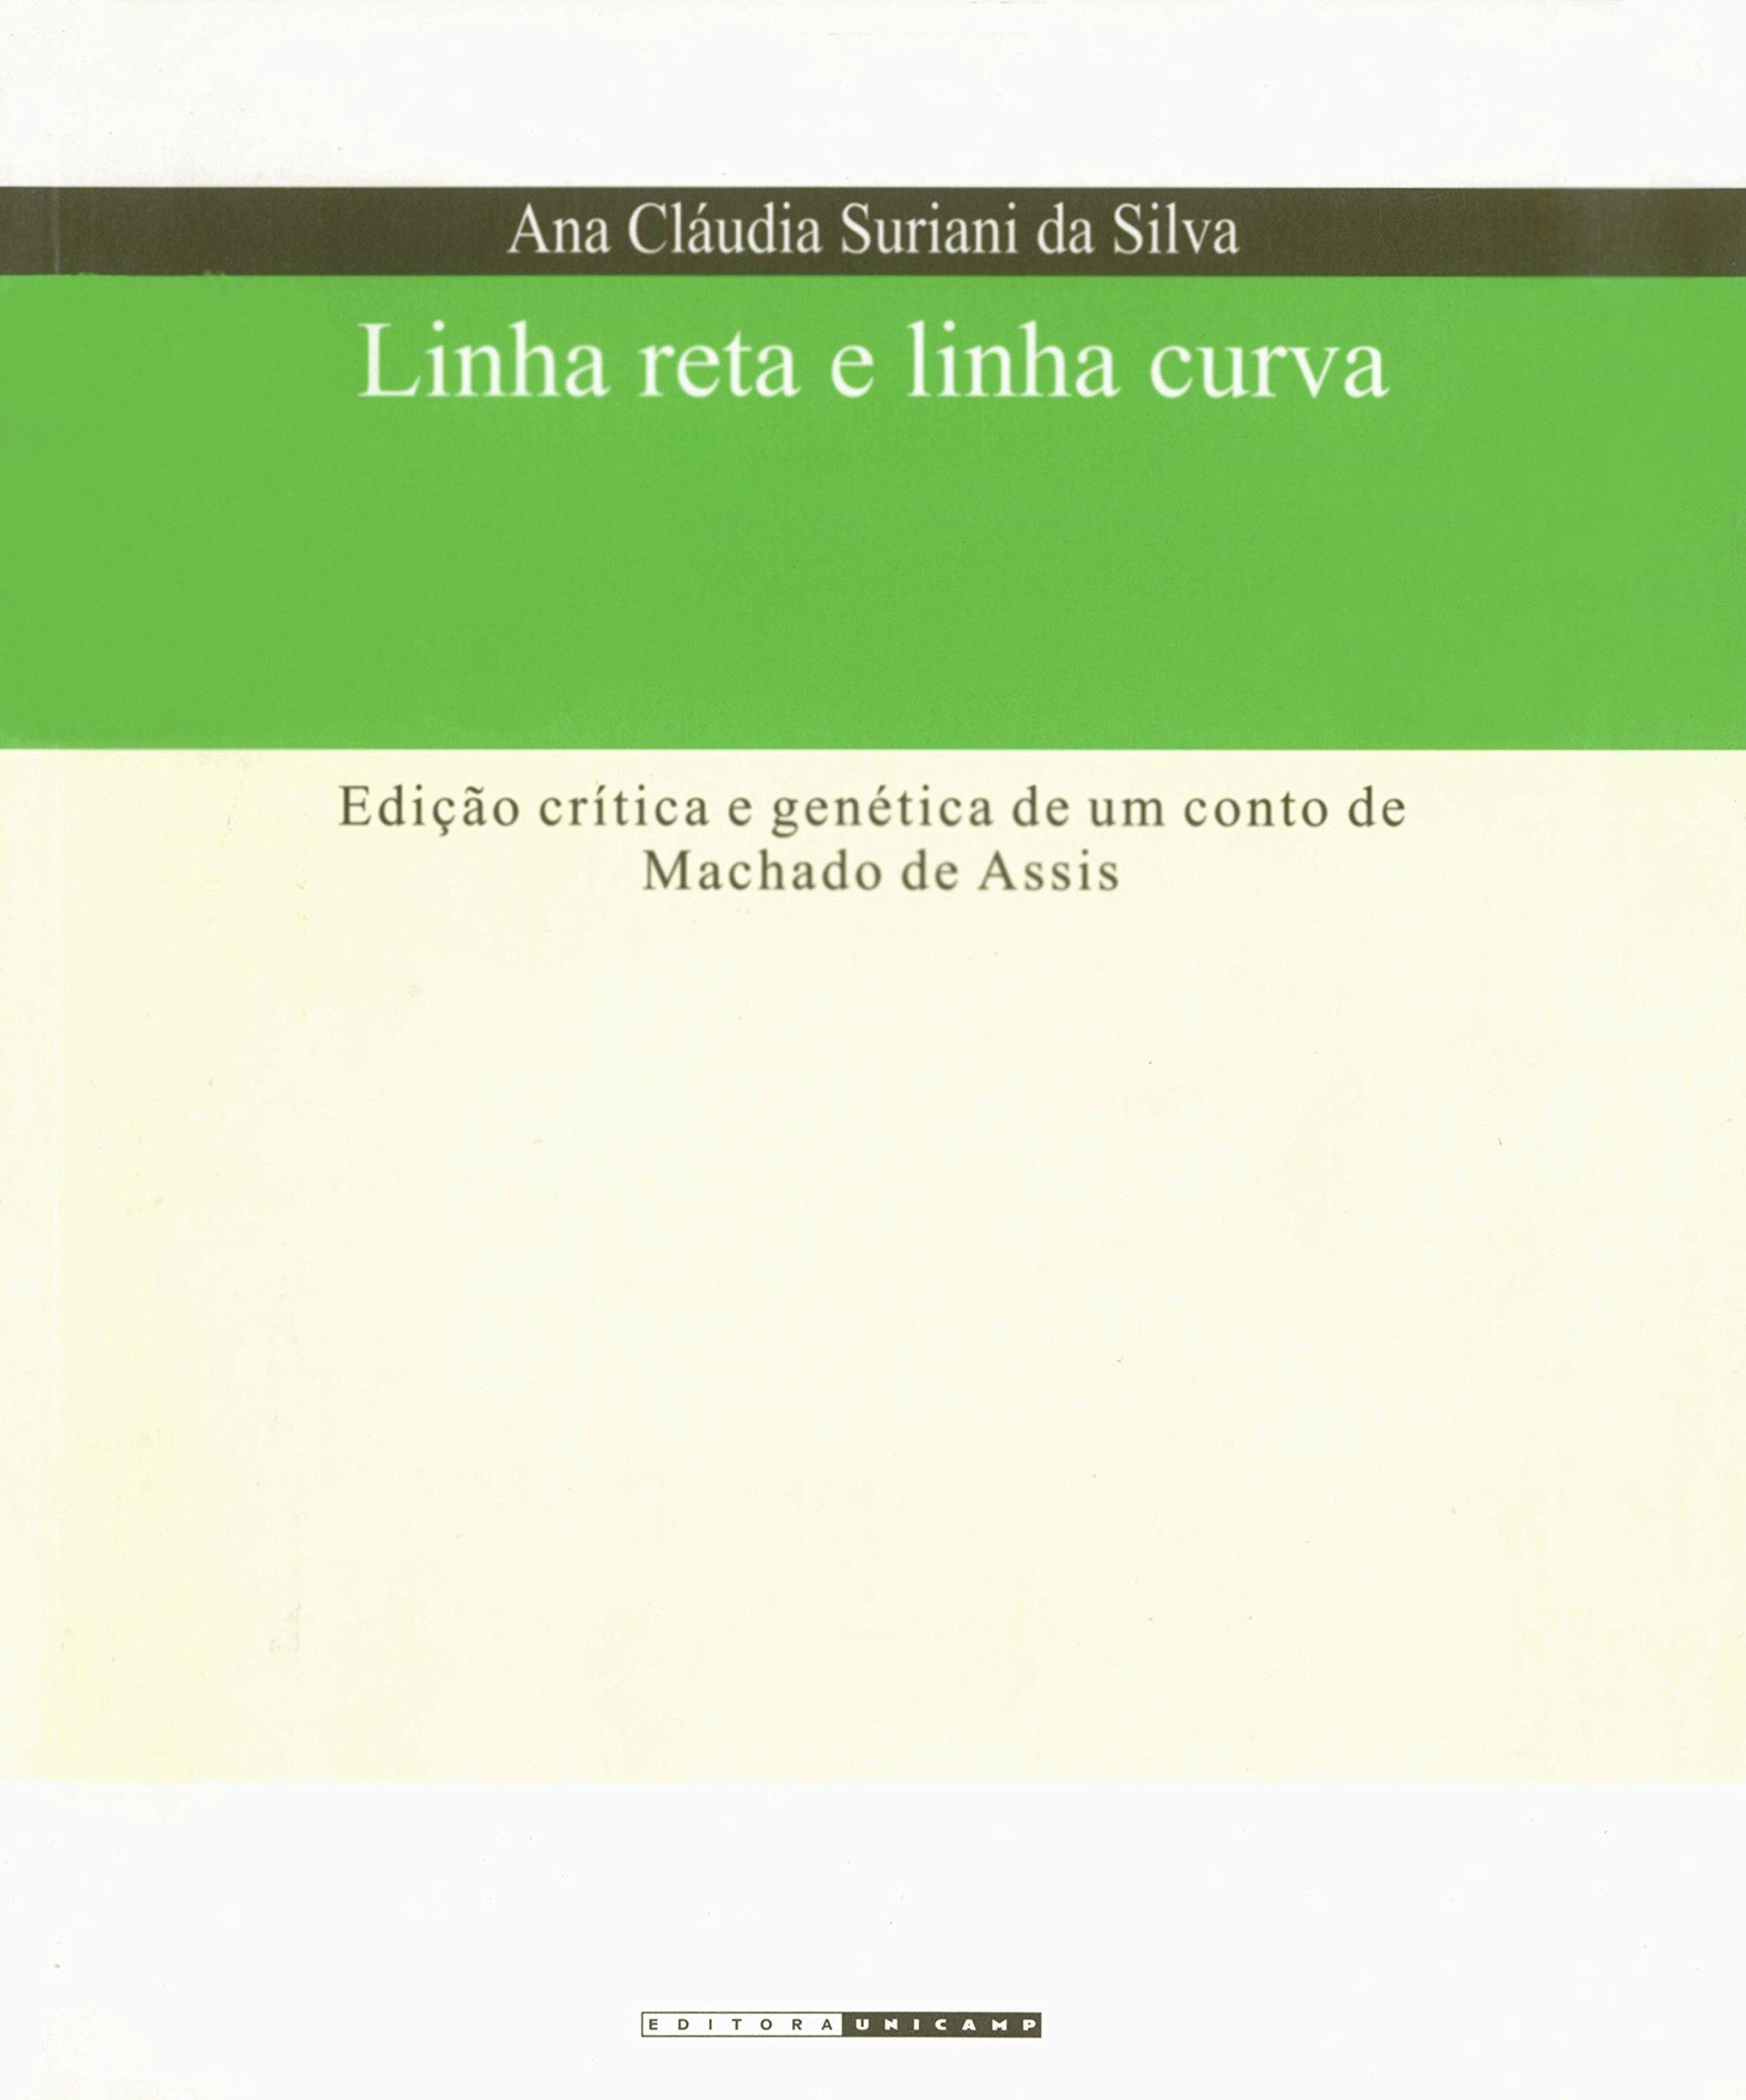 Download Linha Reta E Linha Curva: Edic~ao Critica E Genetica de Um Conto de Machado de Assis (Portuguese Edition) PDF